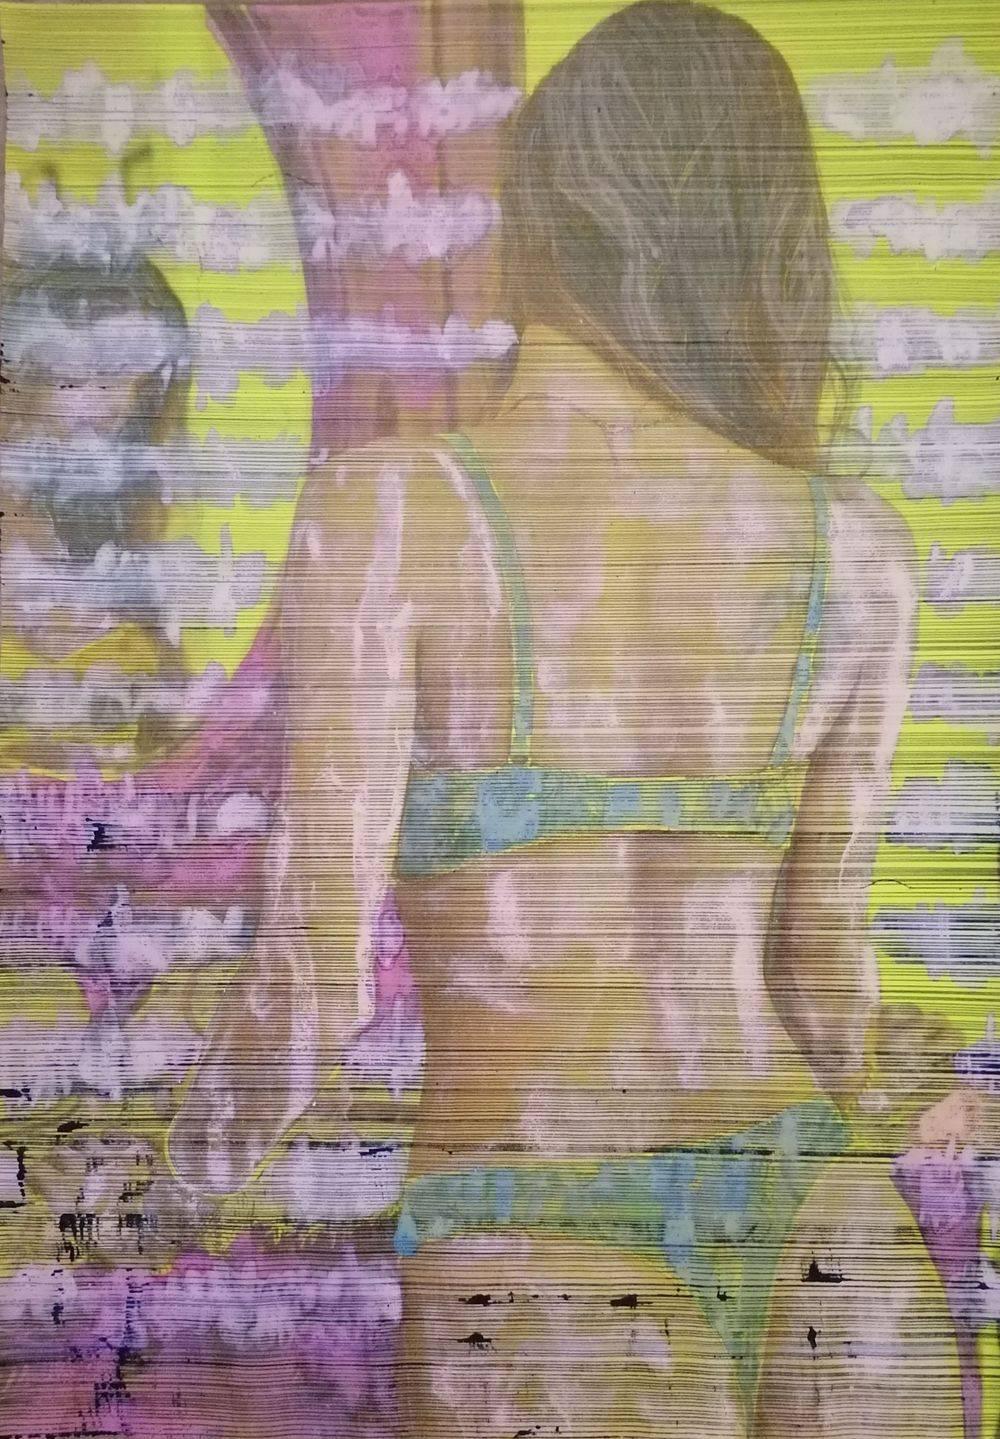 Aquarelle, Jaune, Femme, Histoire de l'art, Portrait